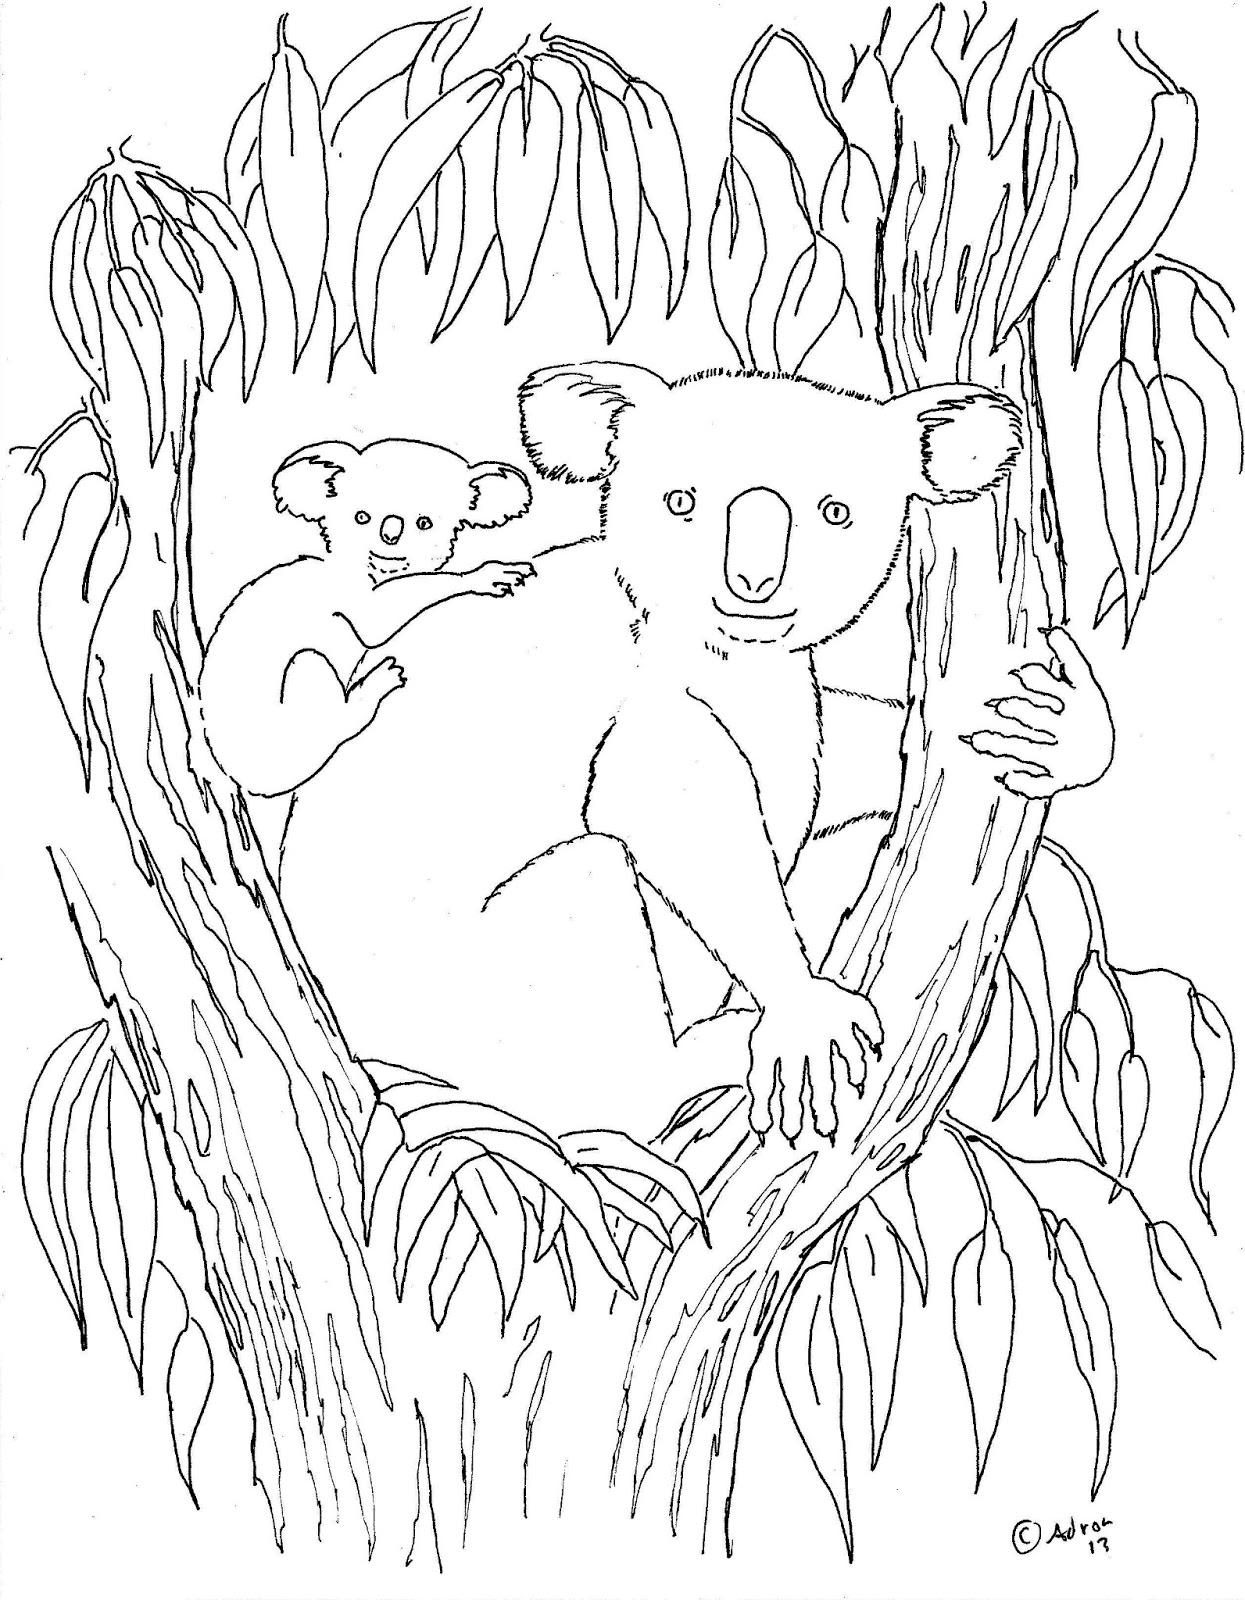 Dessin gratuit koala a colorier